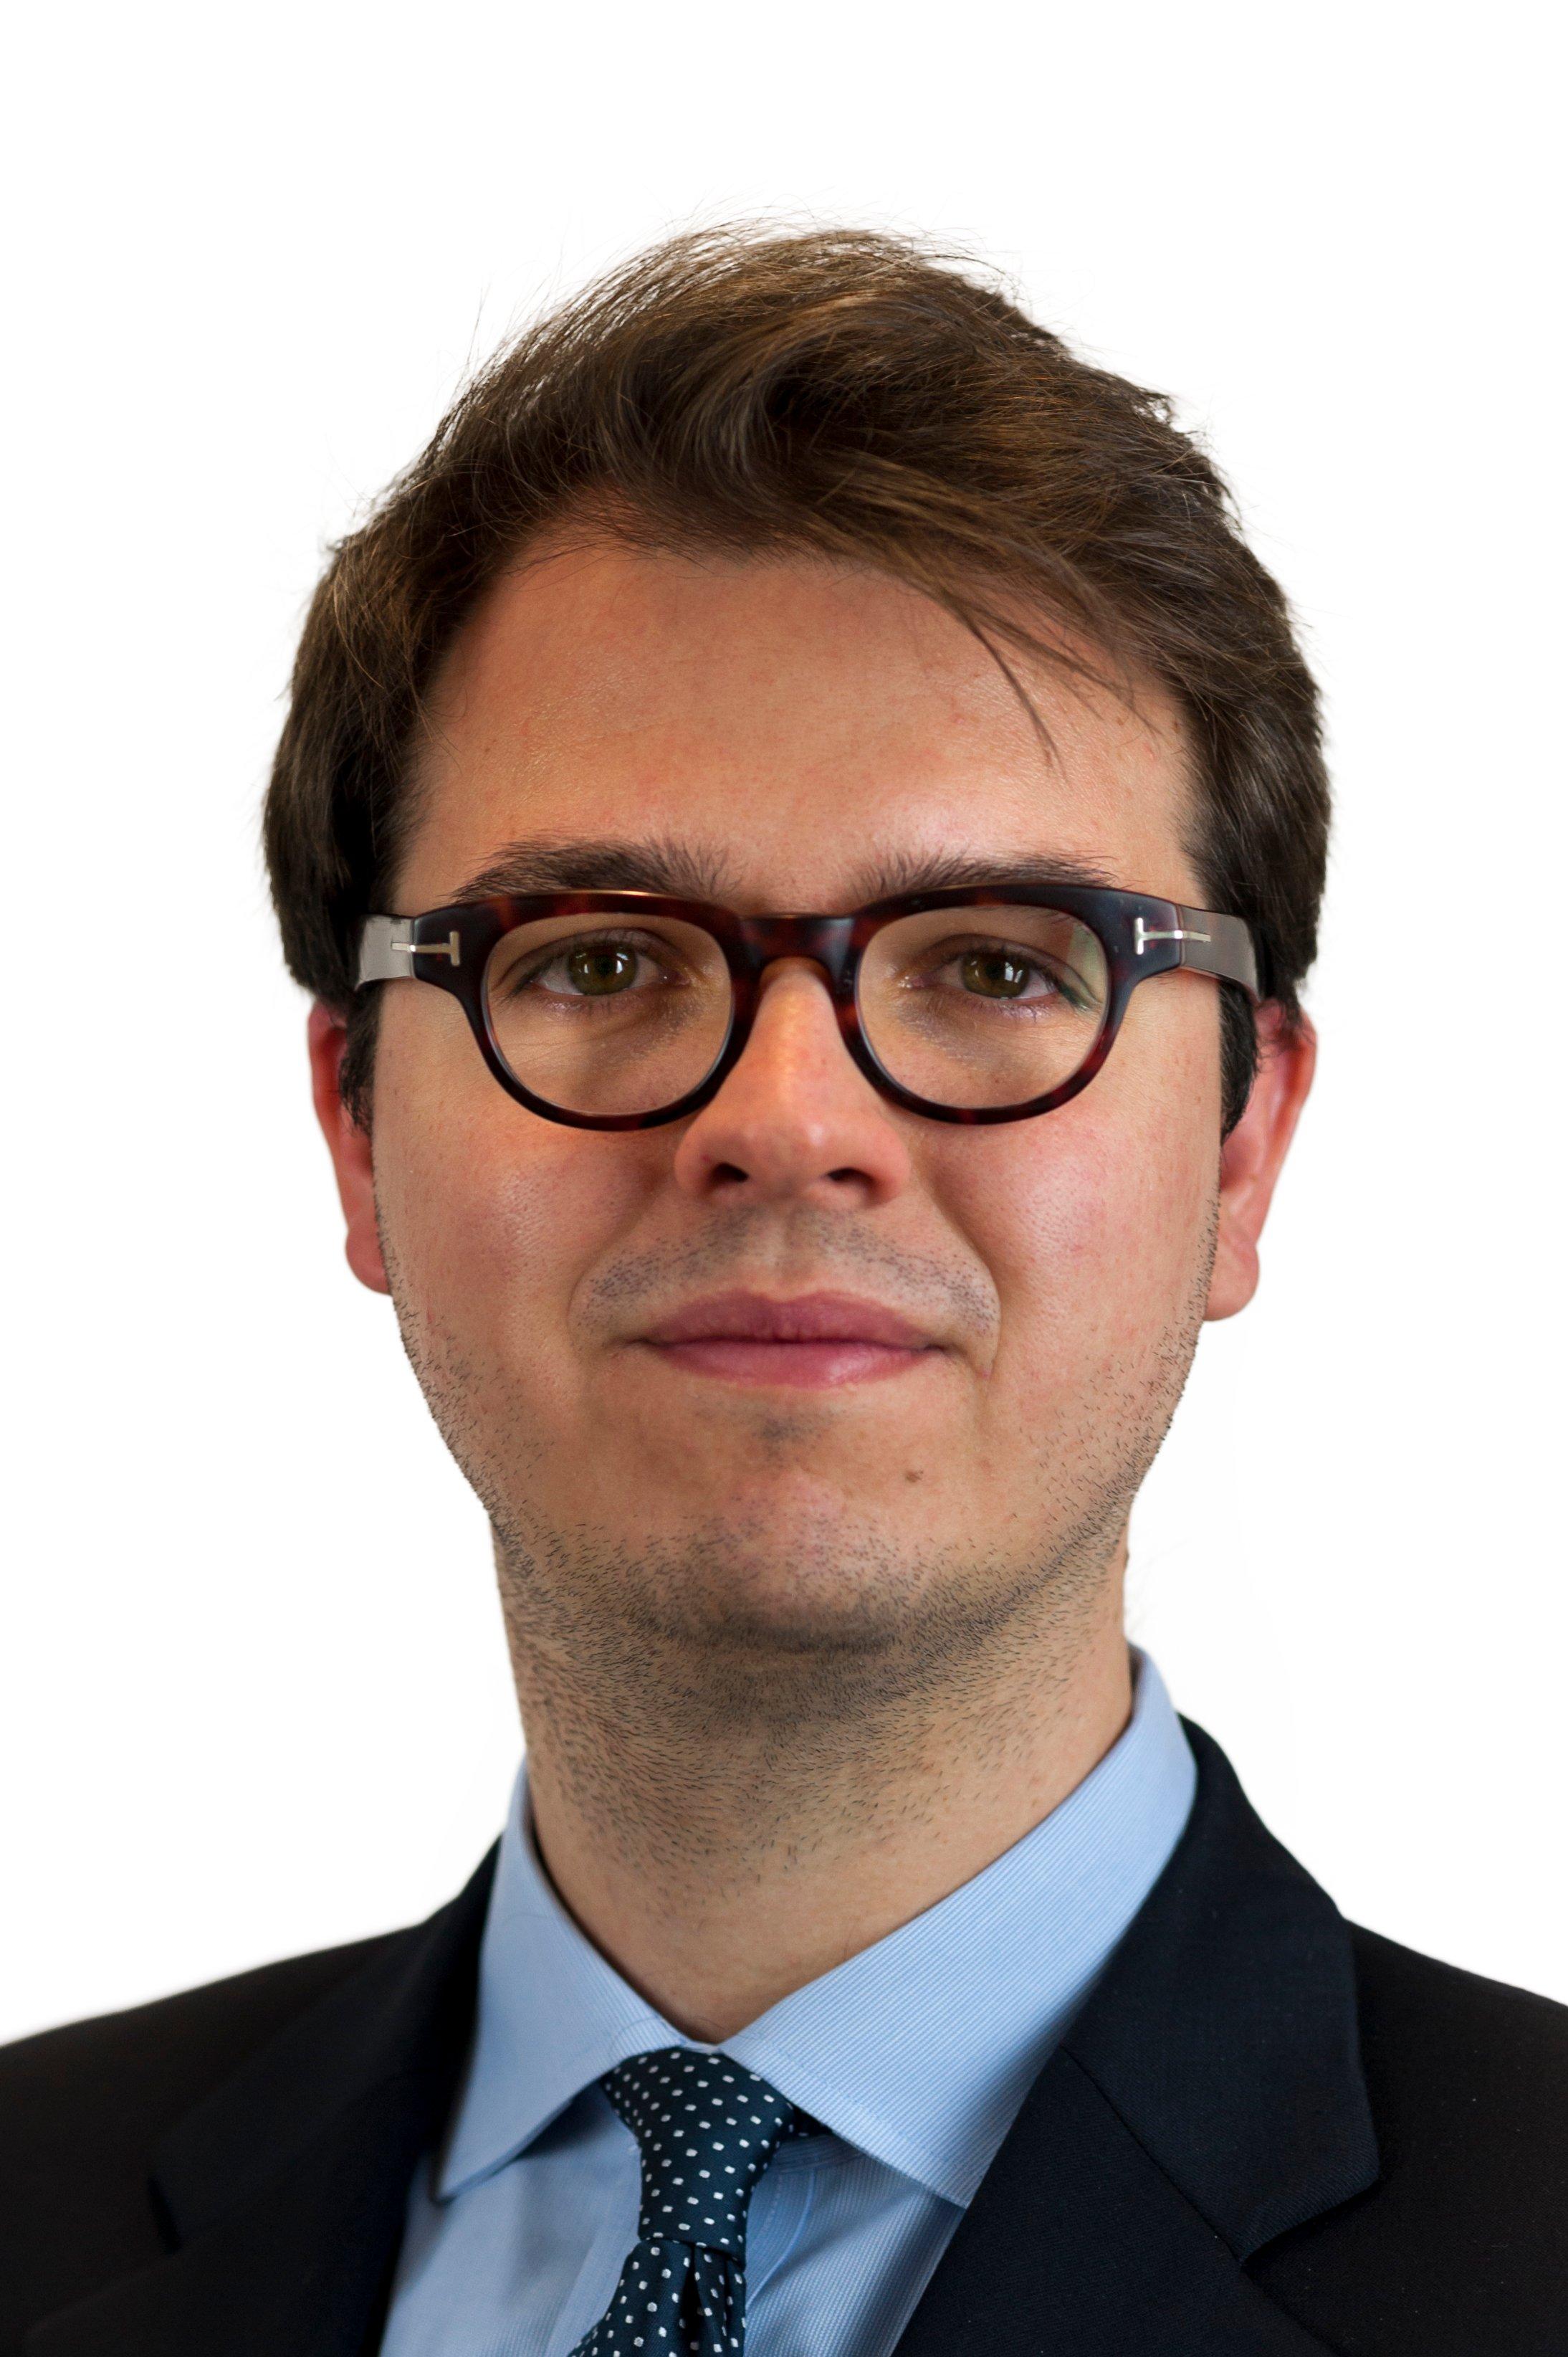 Davide OnegliaV2